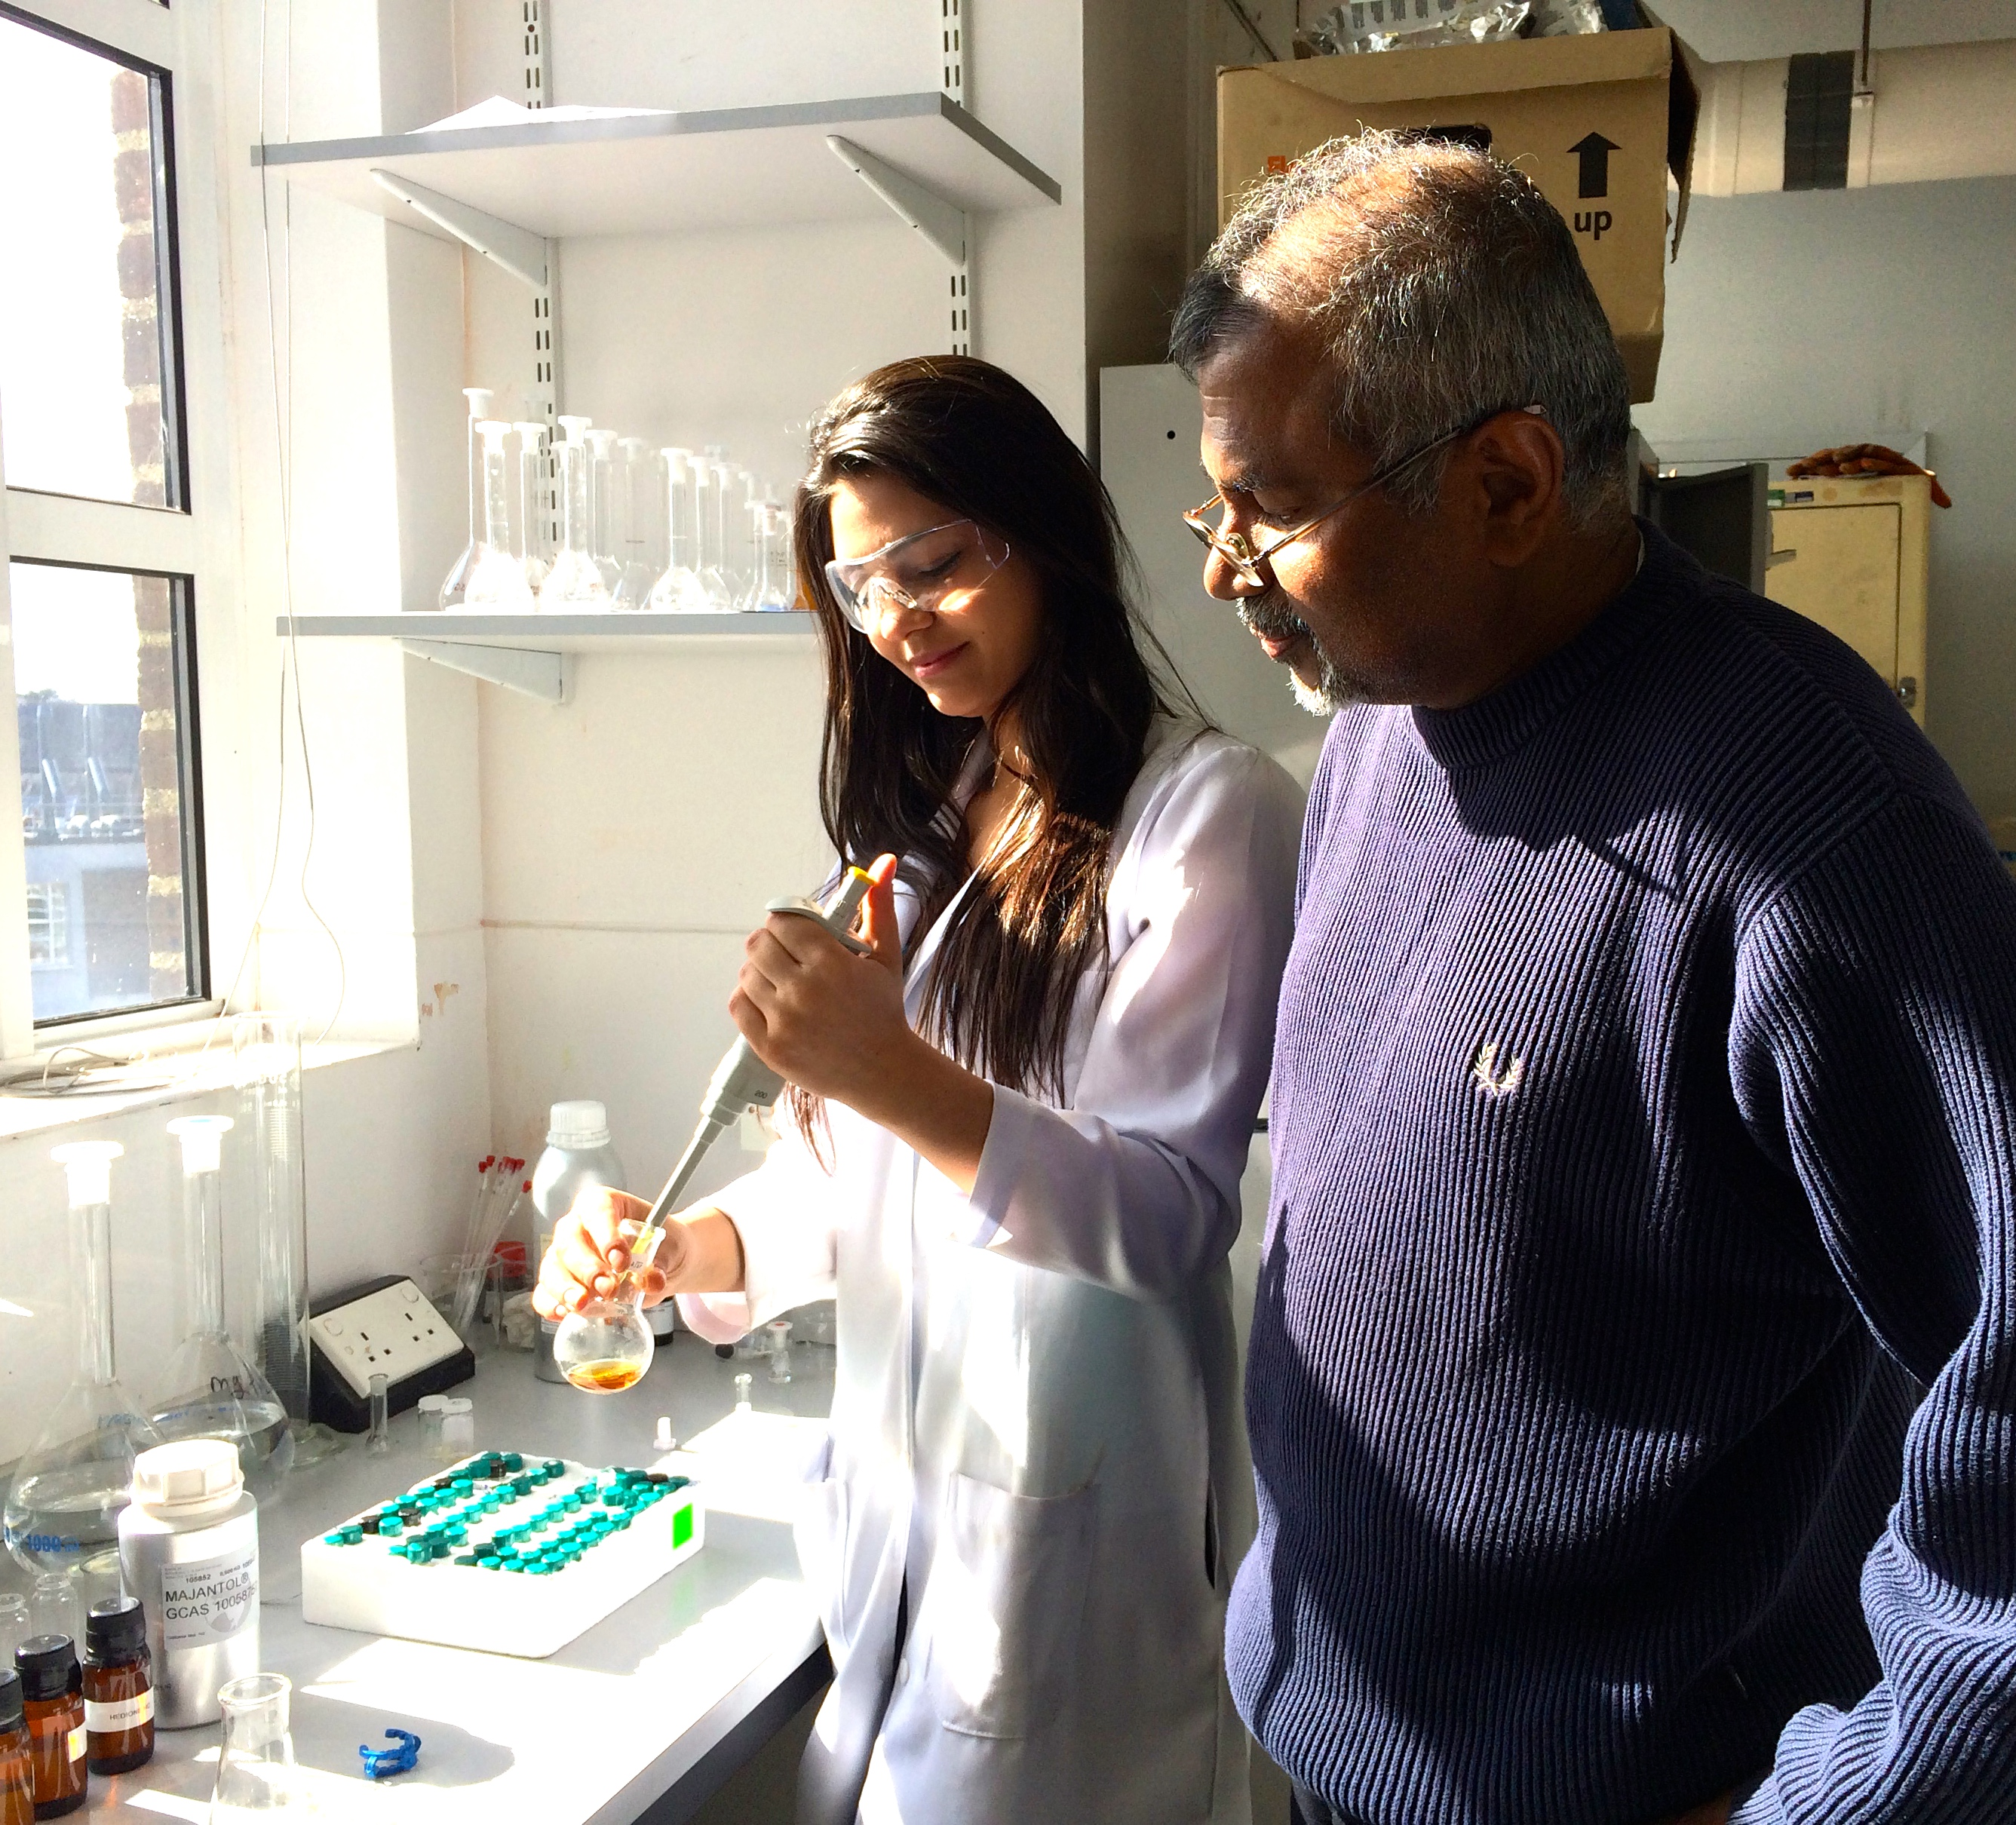 Los investigadores, en el laboratorio. Fuente: Universidad Queen's.